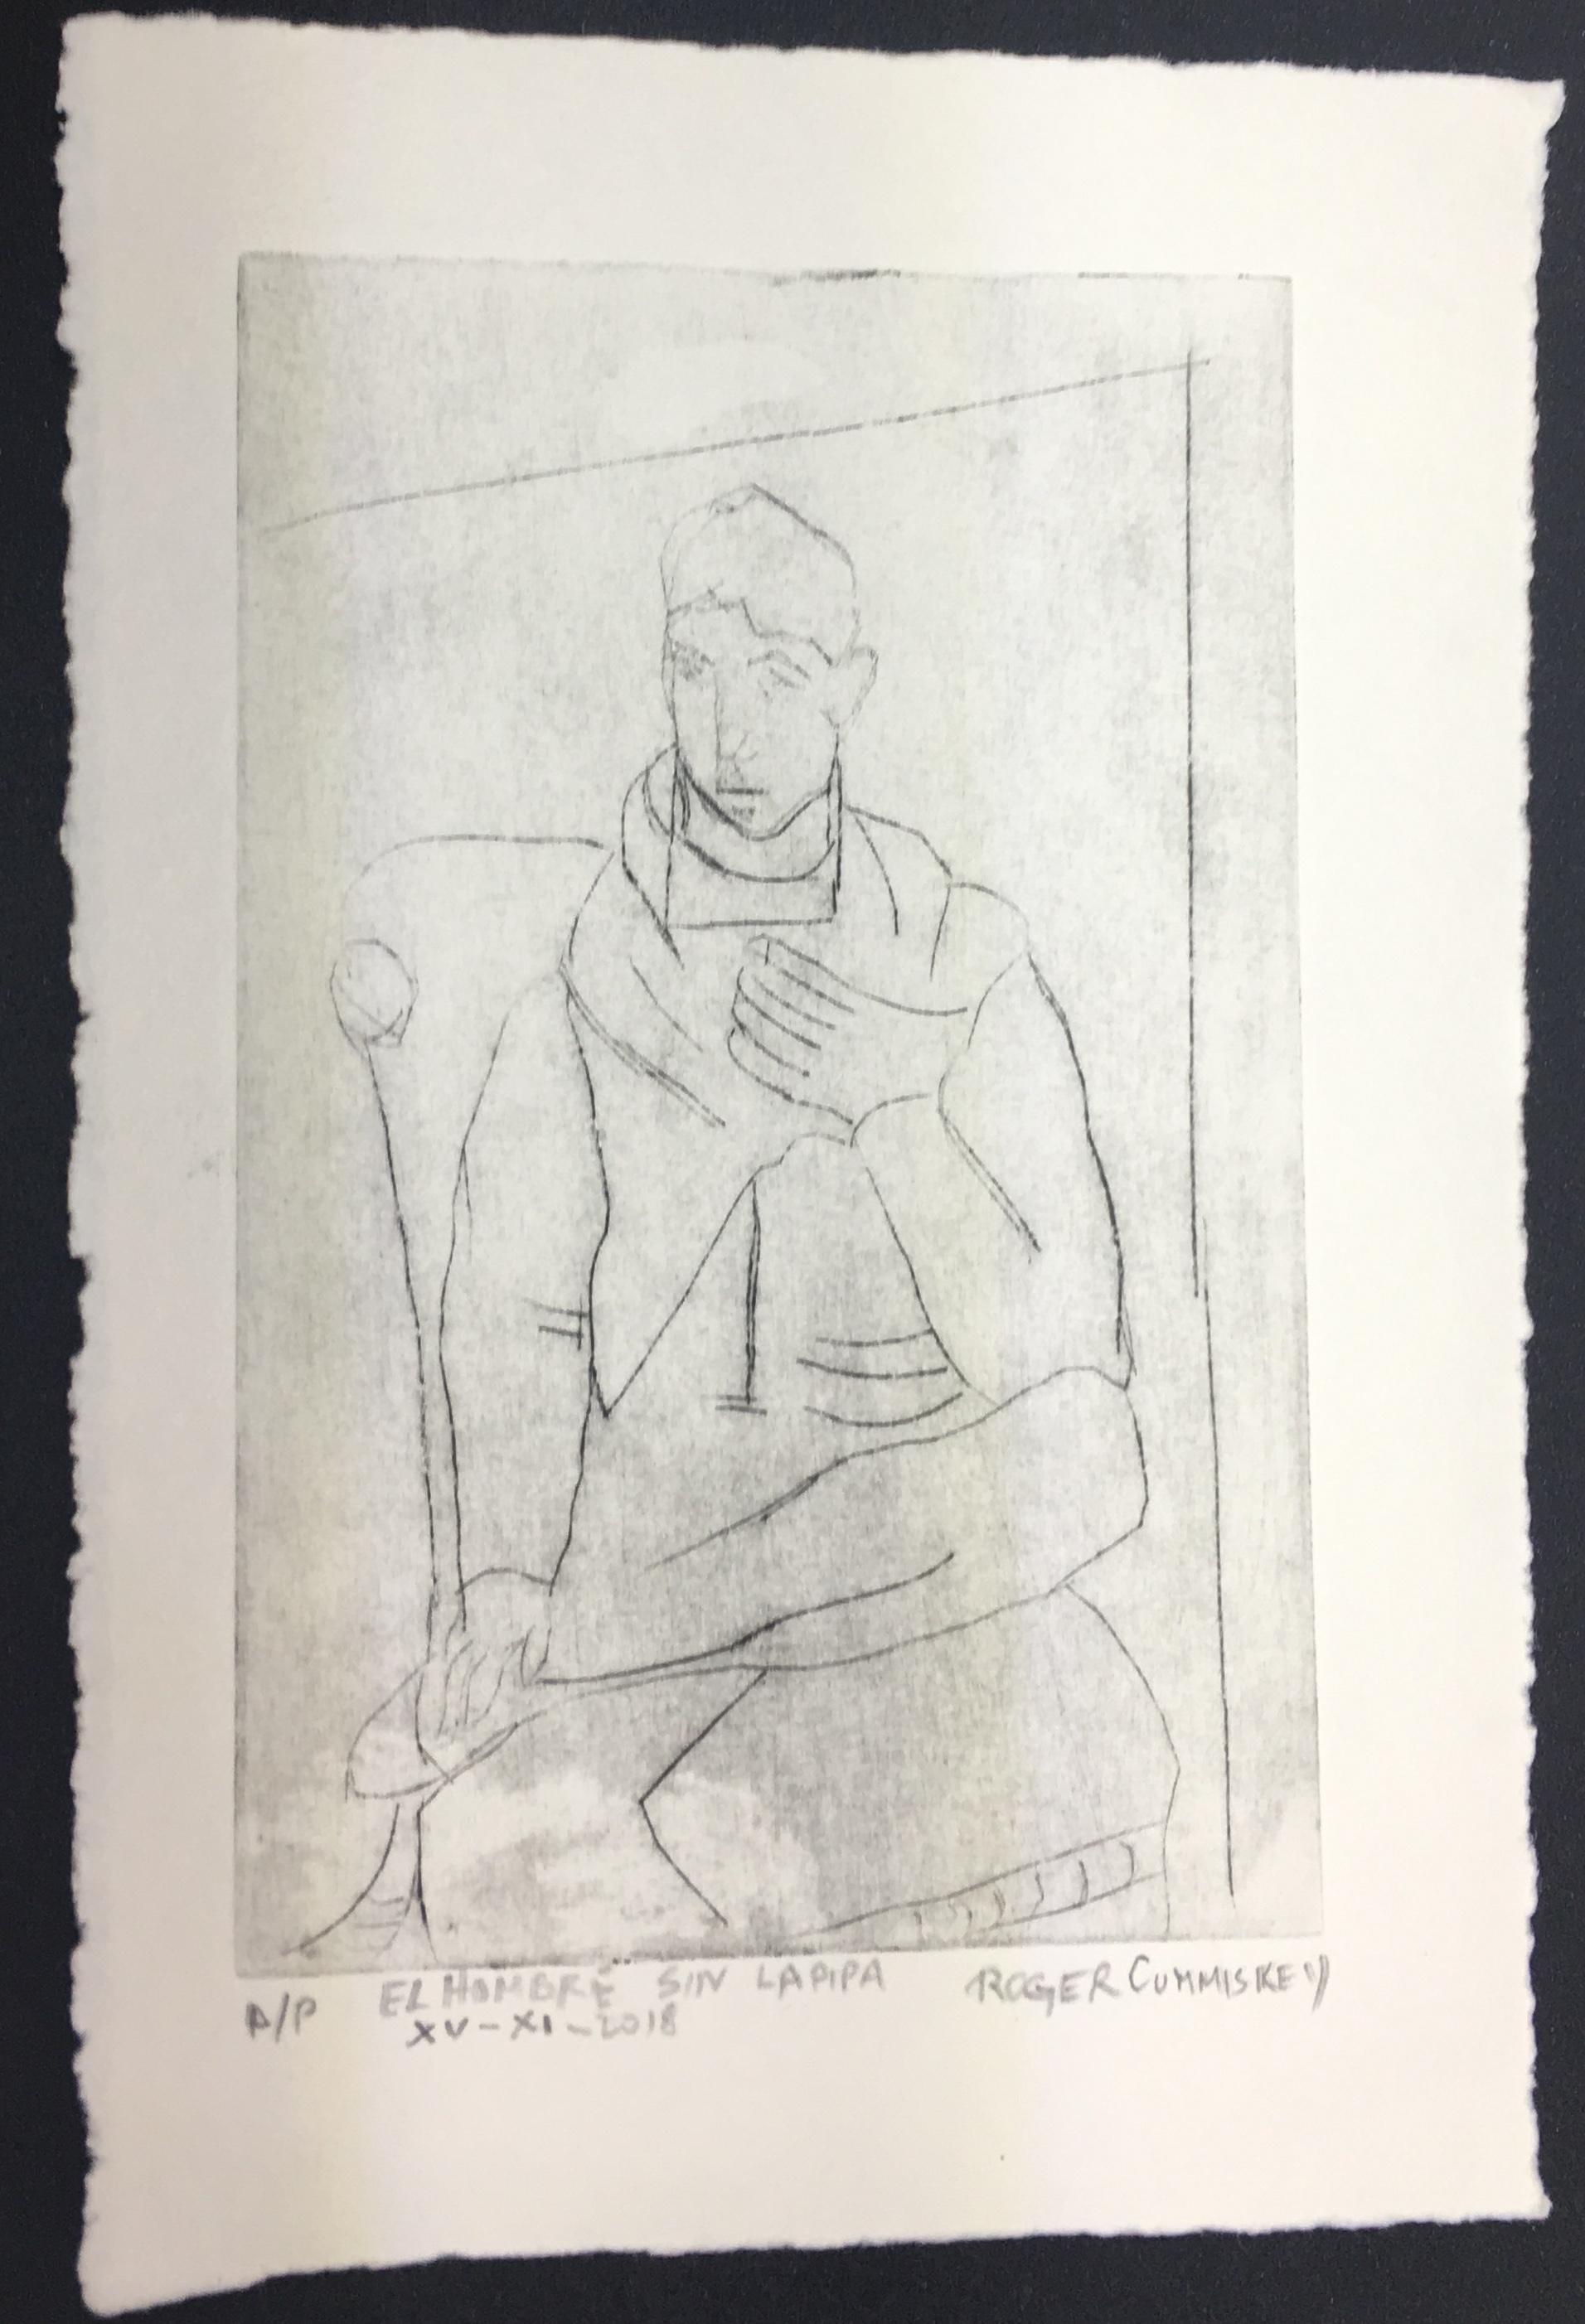 El hombre sin la pipa - etching